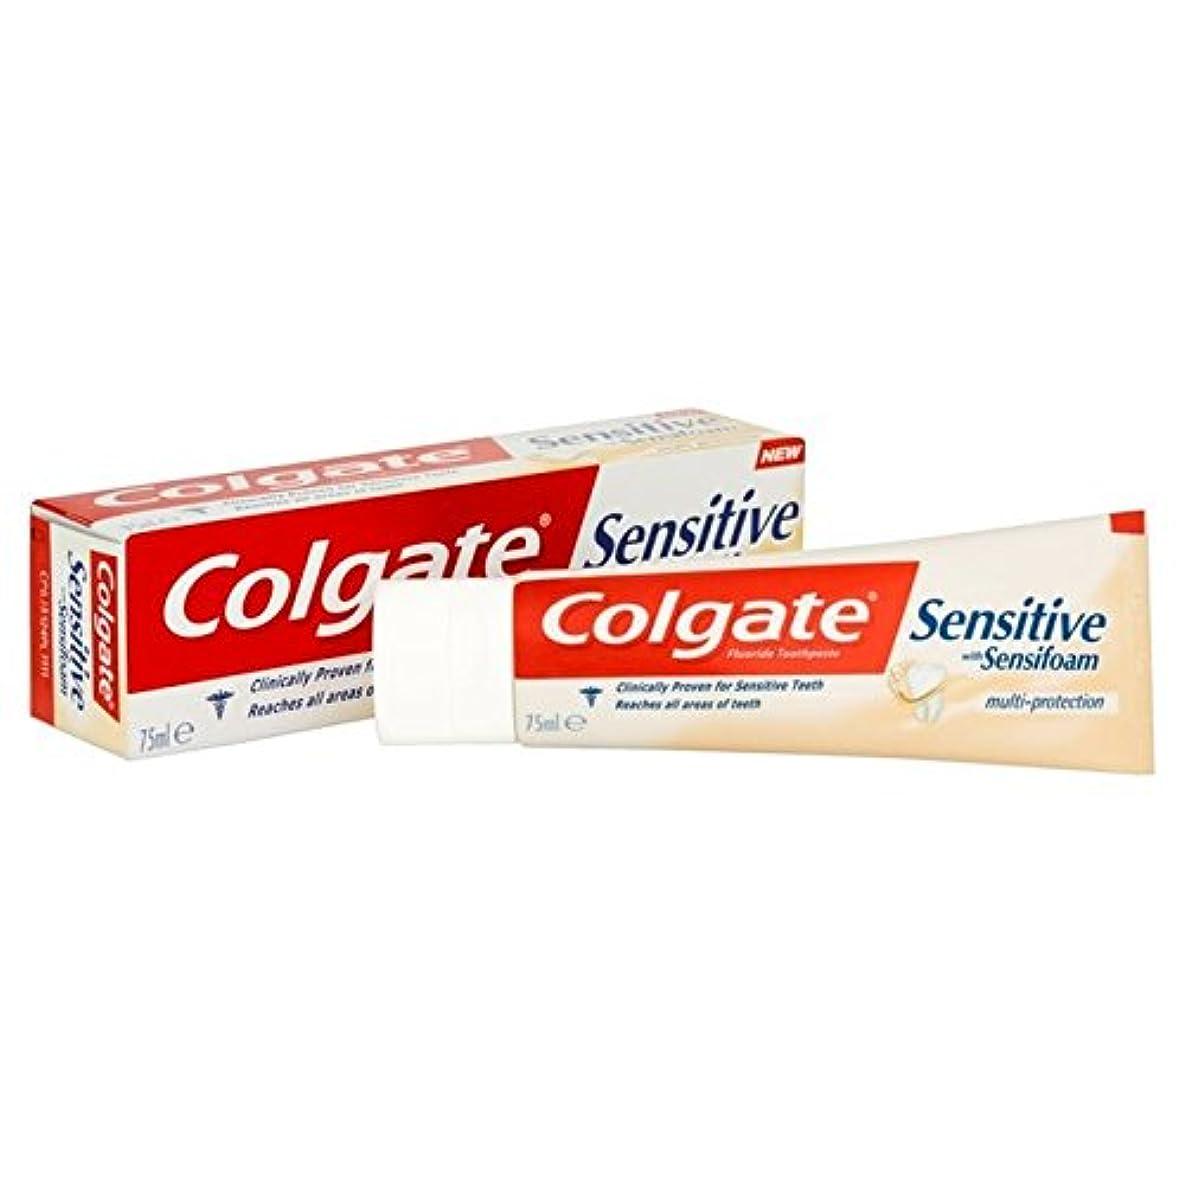 スズメバチバナー小学生Colgate Sensitive Foam Multi Protect Toothpaste 75ml - コルゲート敏感な泡は、マルチ歯磨き粉75ミリリットルを保護します [並行輸入品]